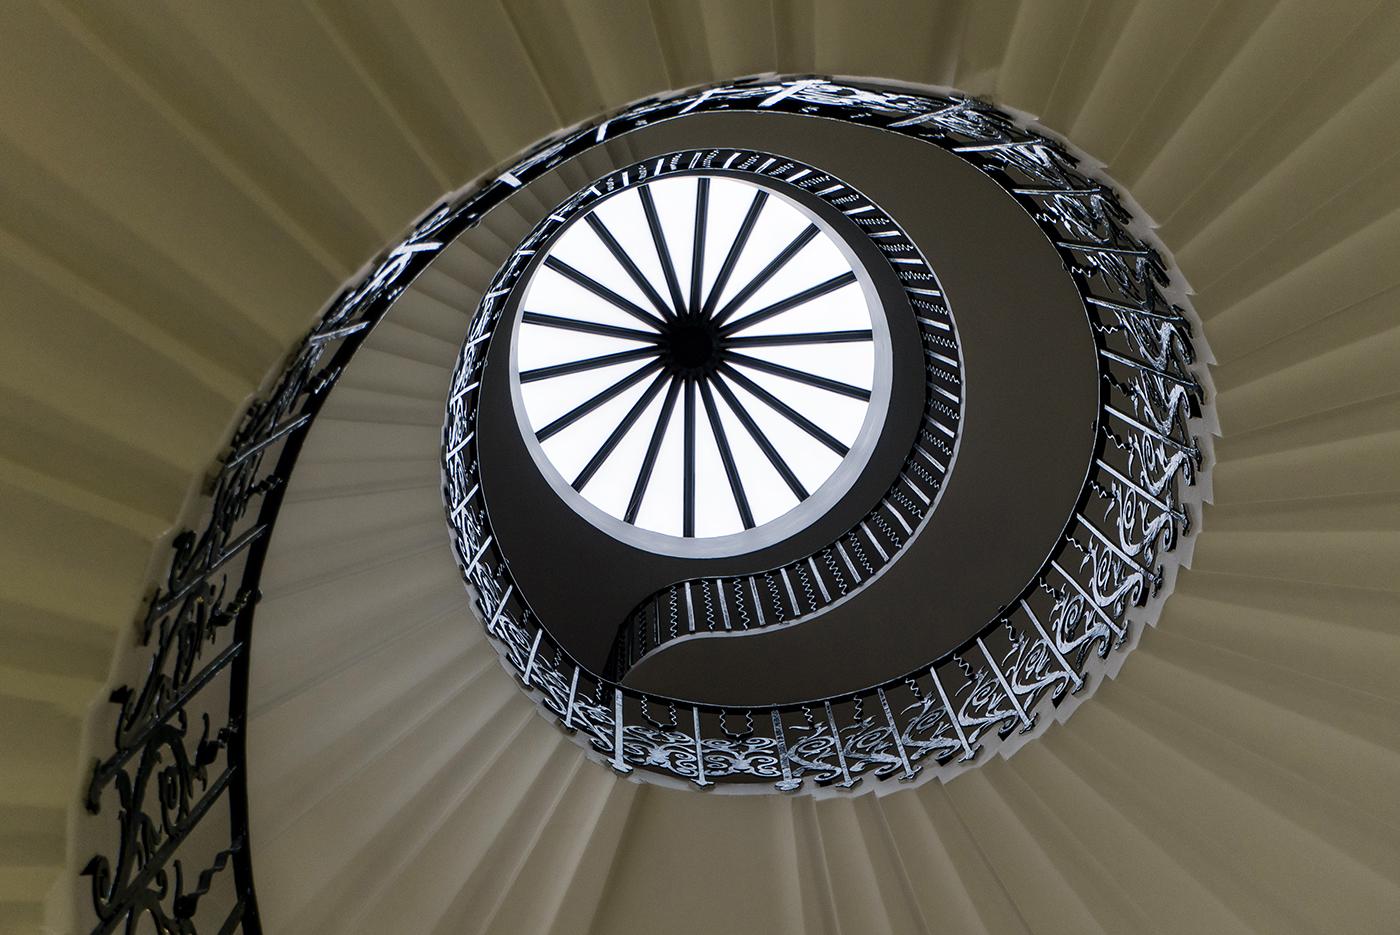 PrintA30-Tulip-Staircase